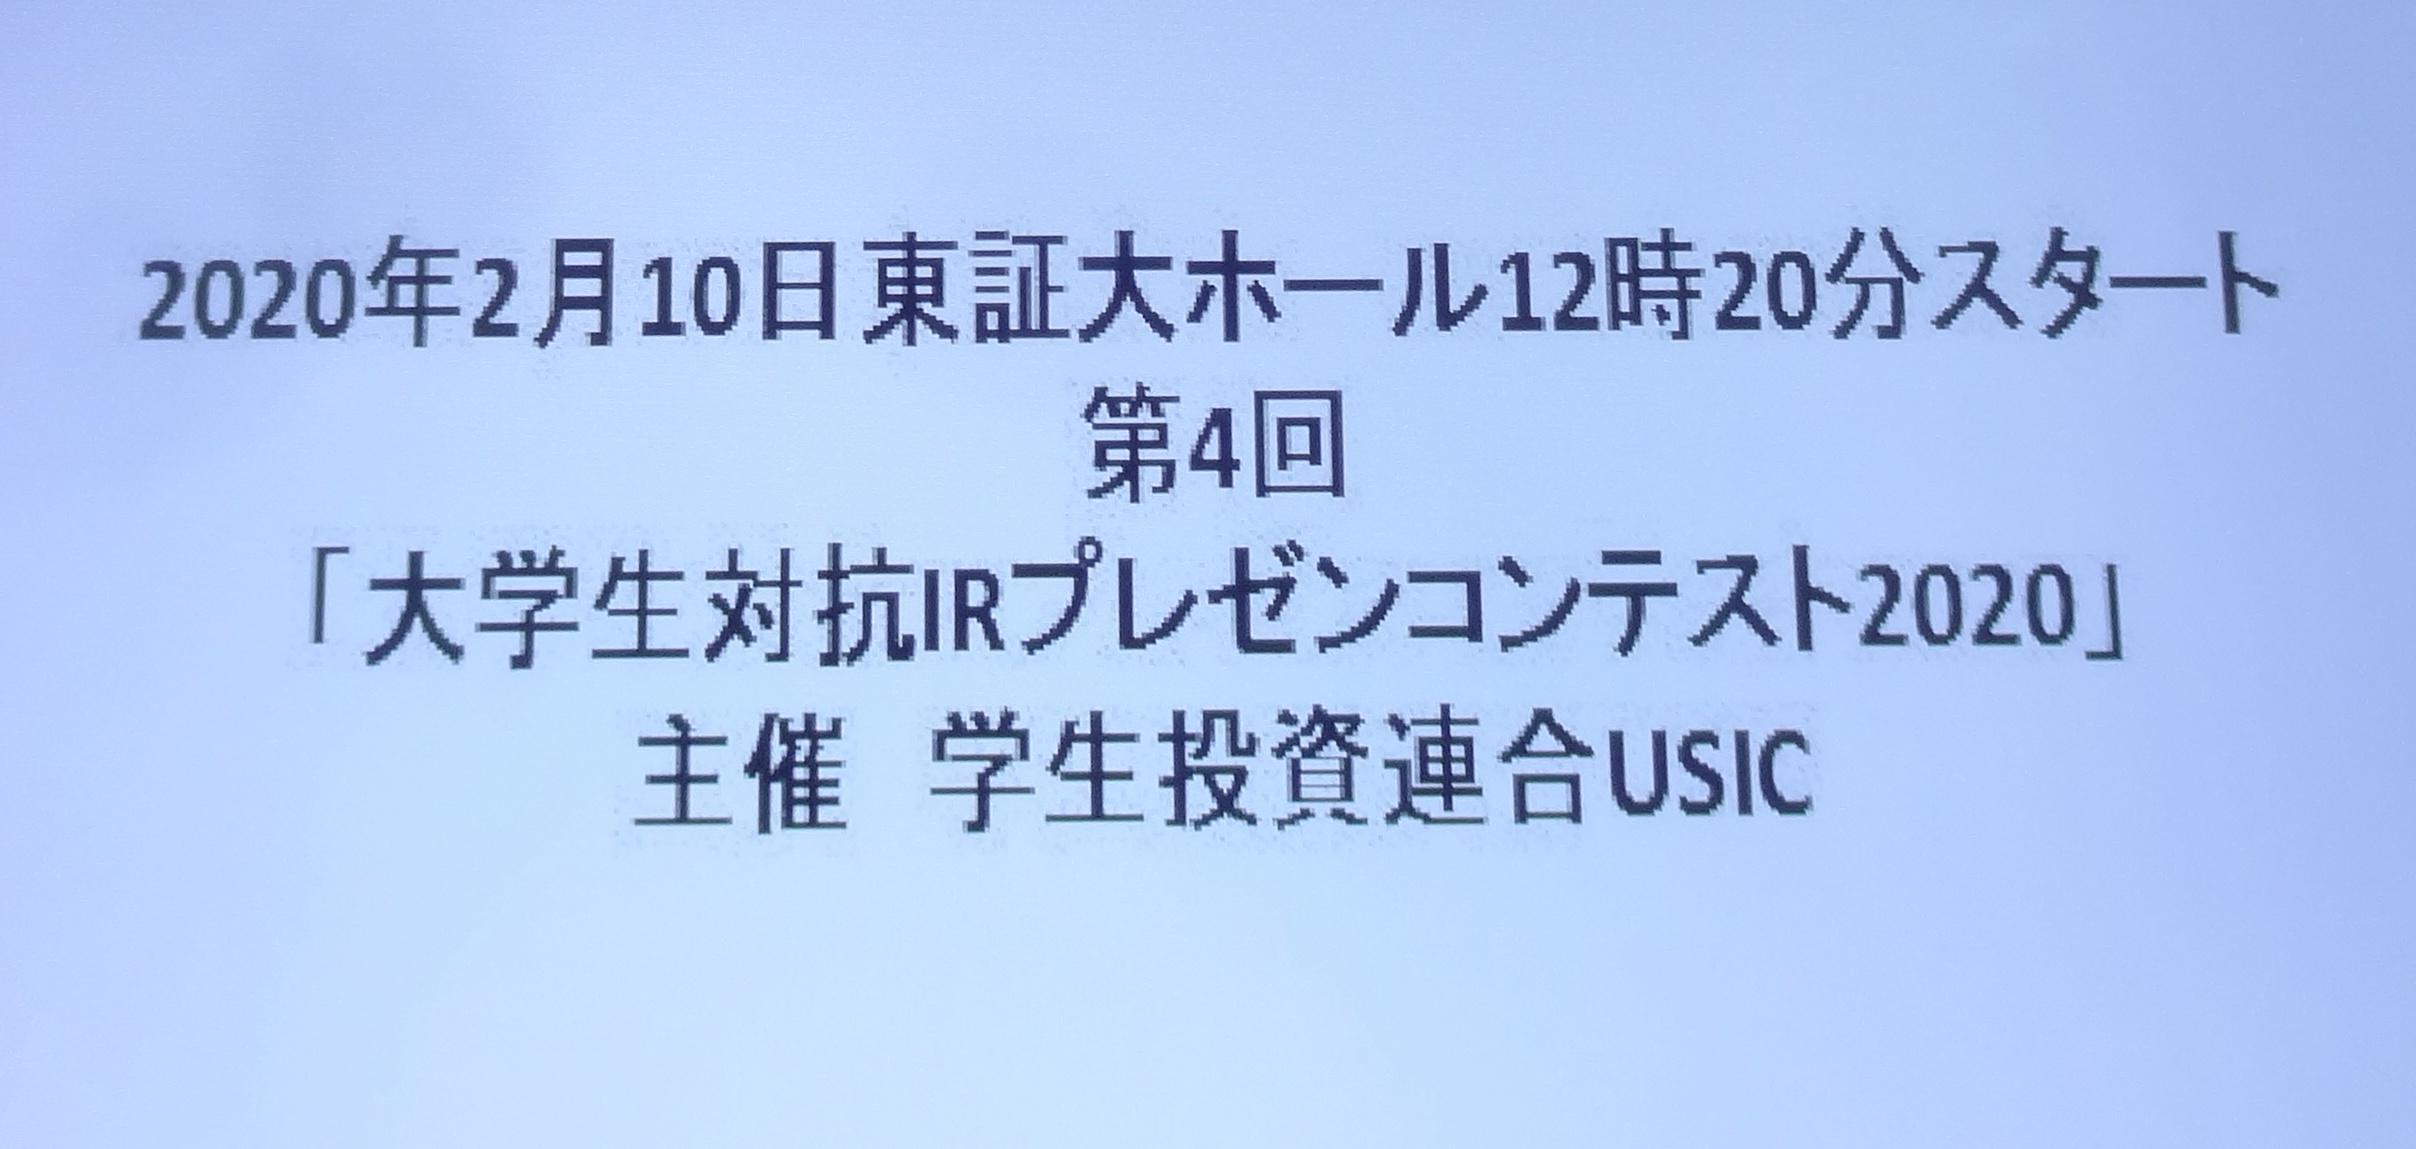 DSC04852編集.JPG